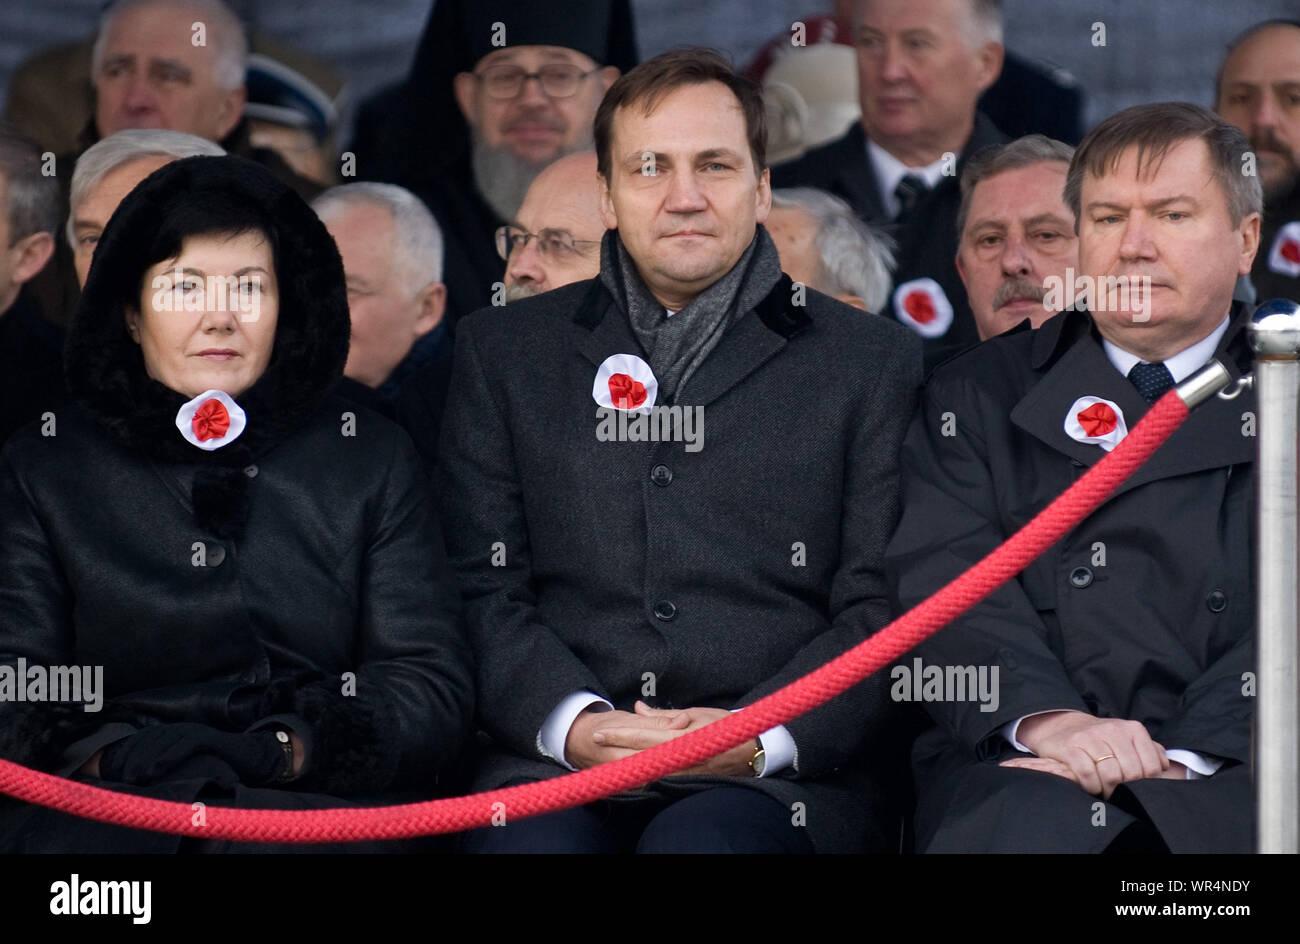 11.11.2010 Varsovie, Pologne. Sur la photo: Radoslaw Sikorski, Hanna Gronkiewicz - Valse, Jerzy Miller Banque D'Images